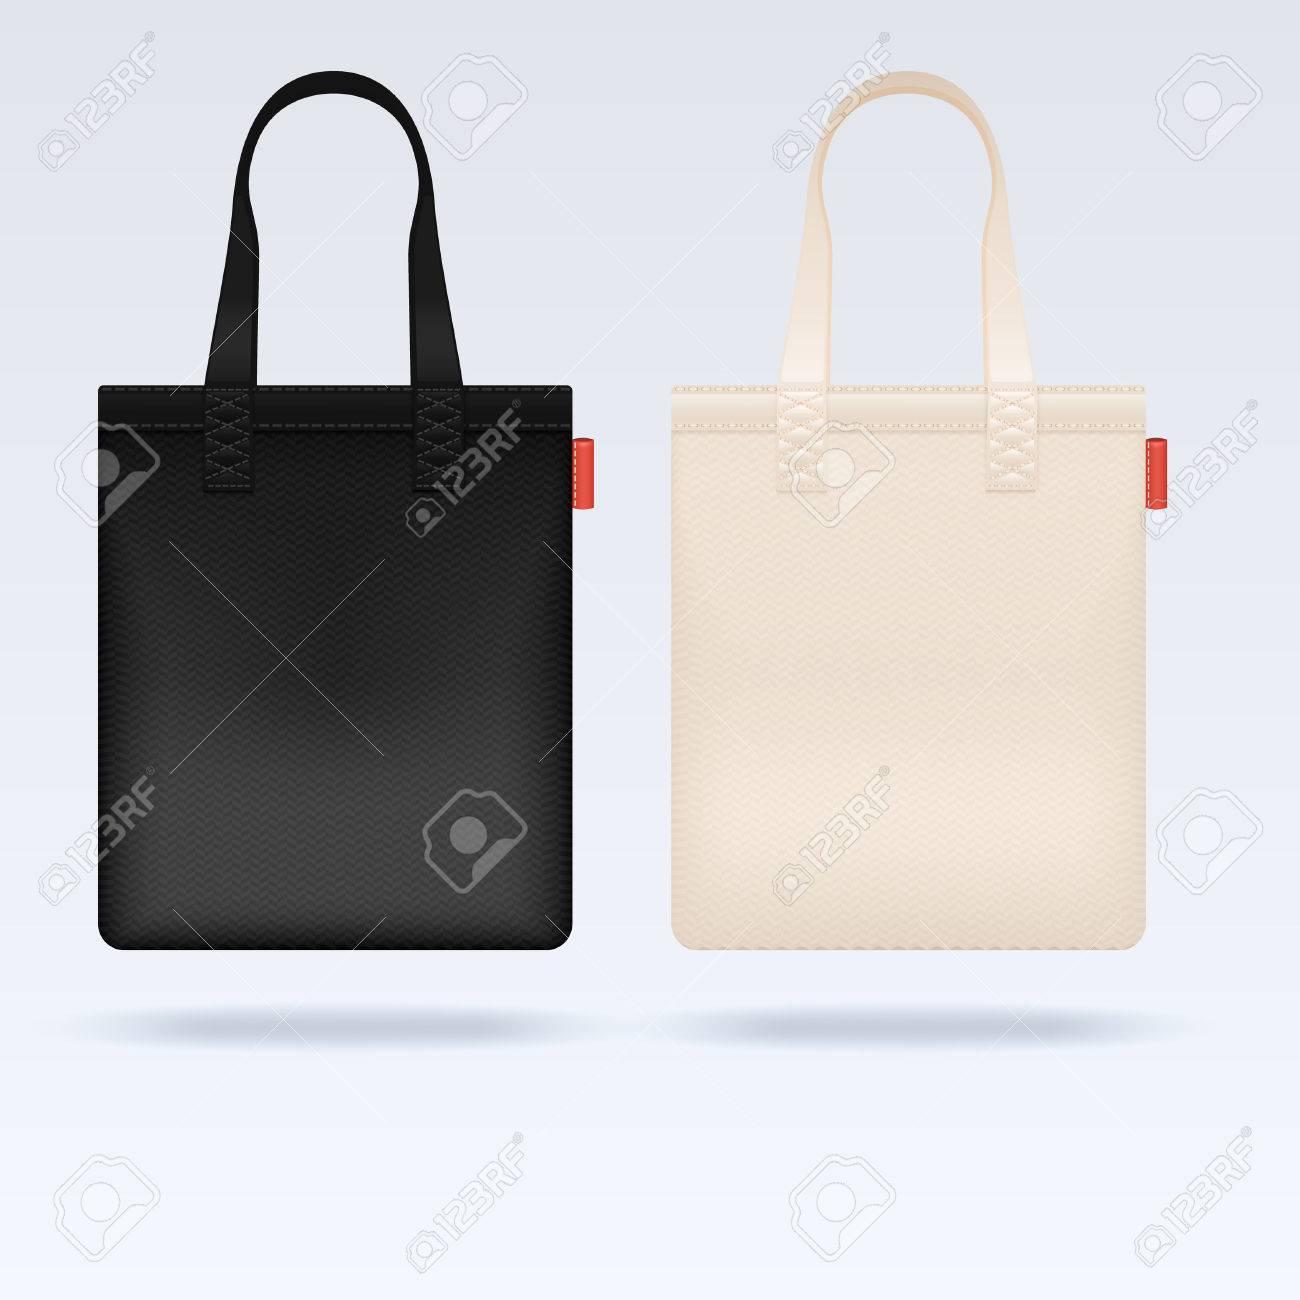 白と黒の生地布トートバッグ ベクトル モックアップリアルなイラスト